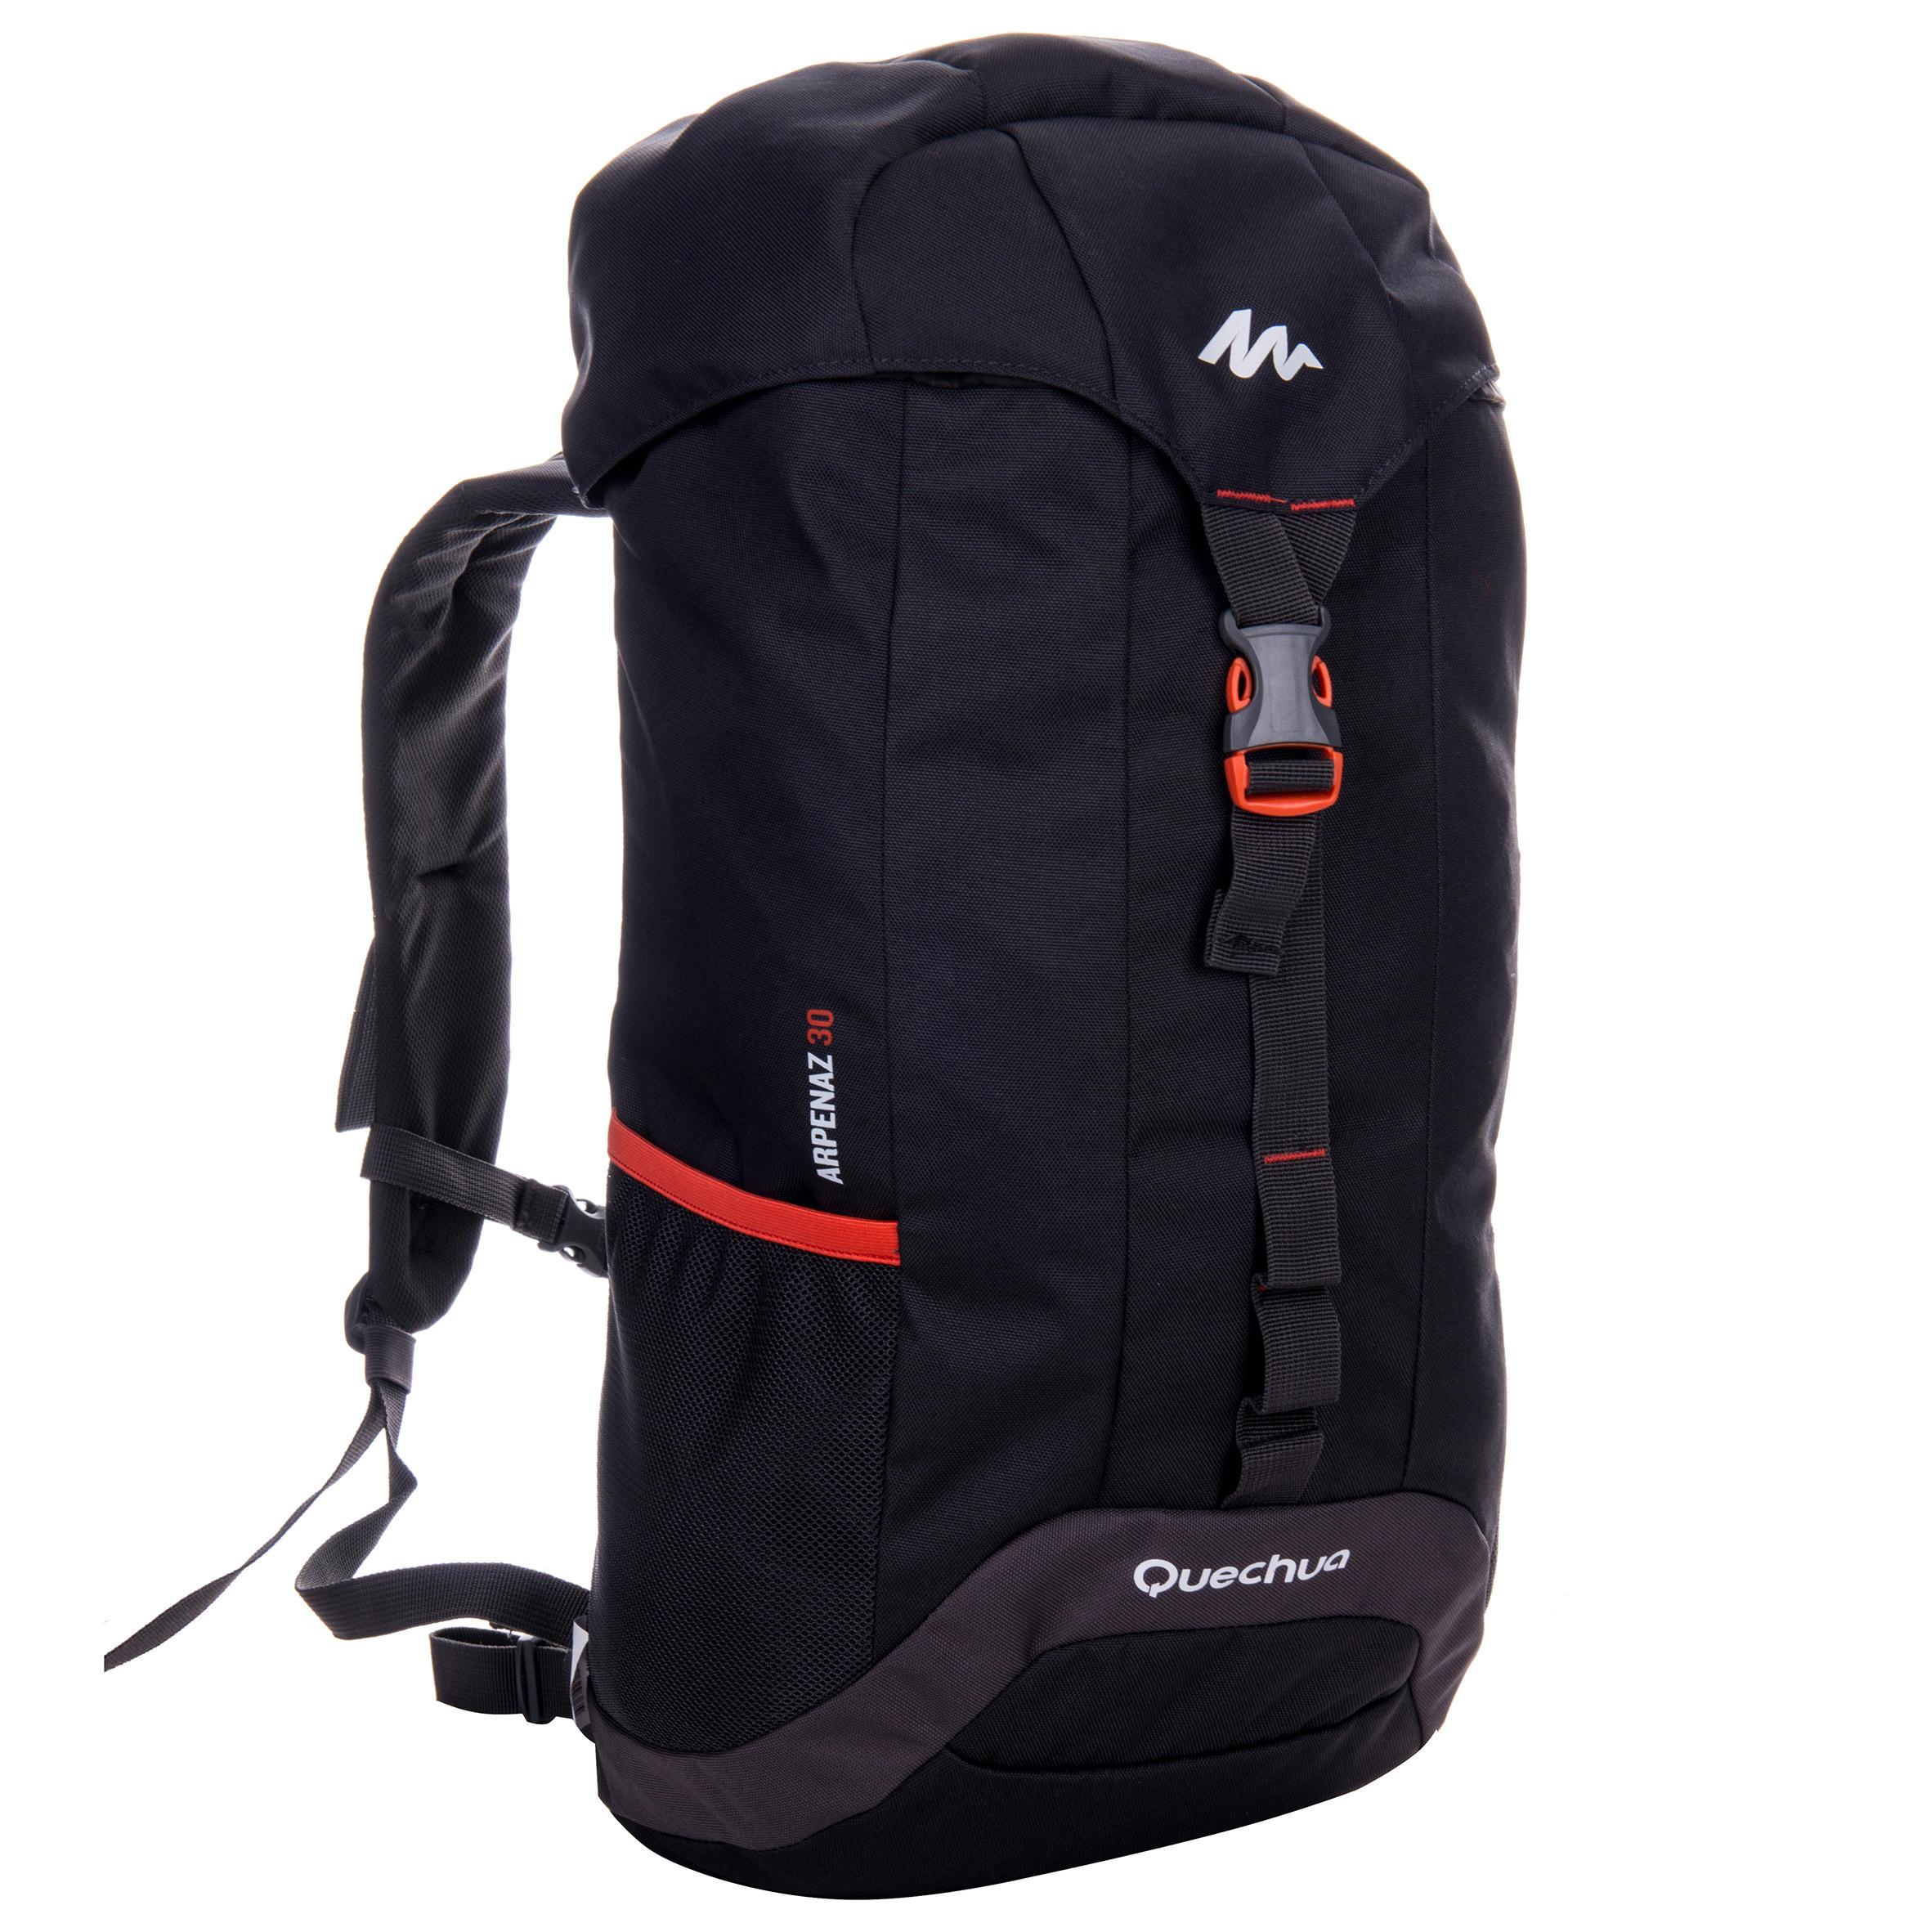 Arpenaz 30-Litre Hiking Backpack - Dark Grey/Gold